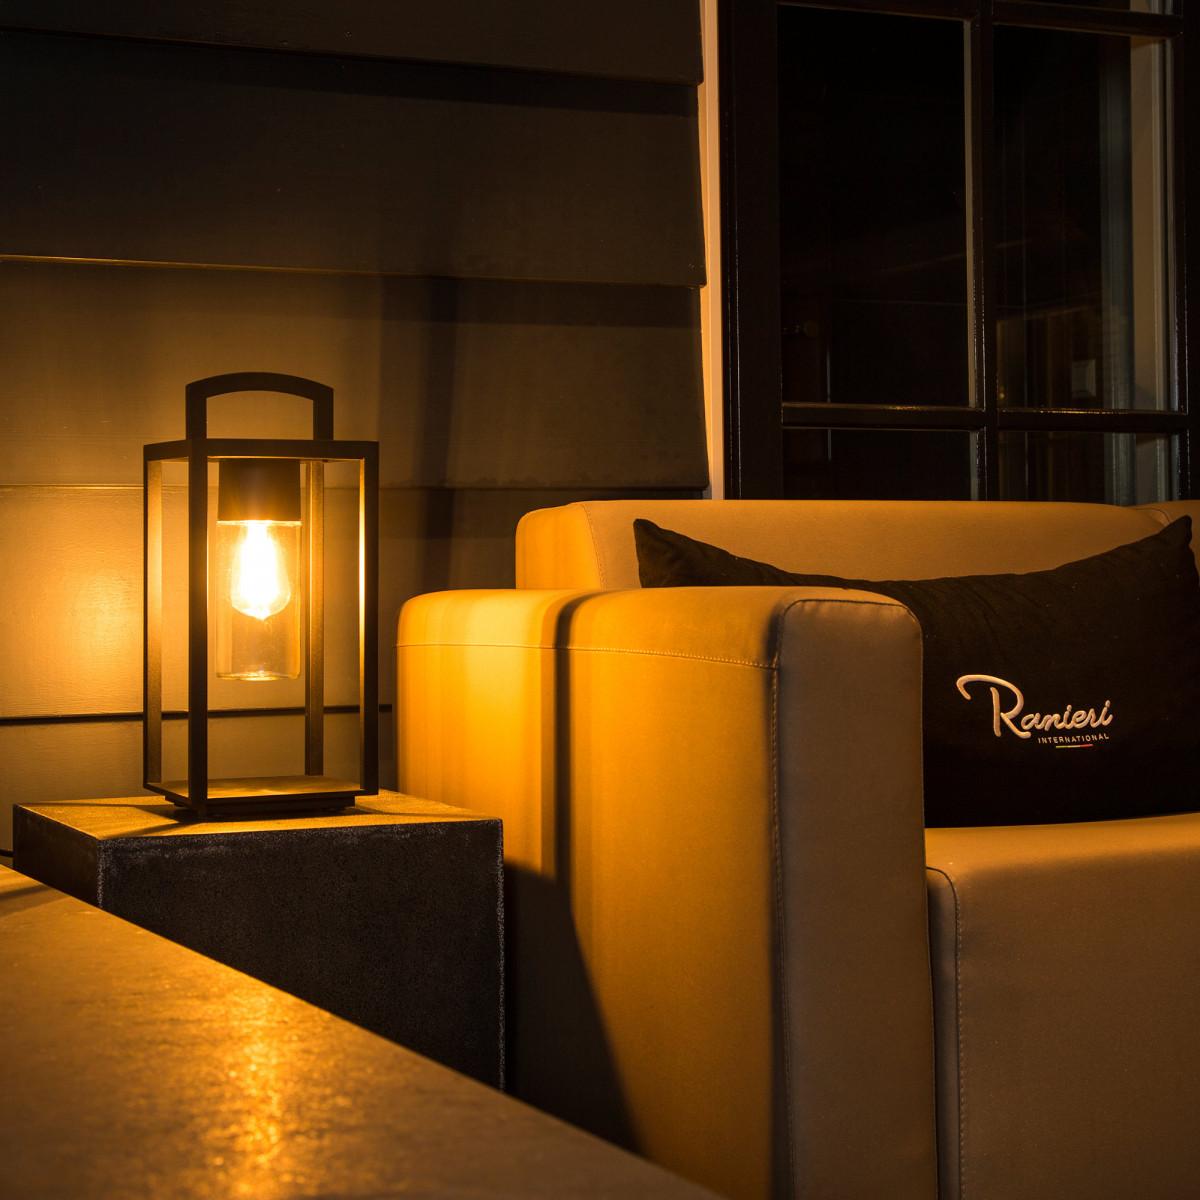 Portable zwarte buitenlamp Lounge, buitenverlichting met stekker, 3 meter snoer, zwarte moderne buitenverlichting, windlicht model, aanbieding, nostalux